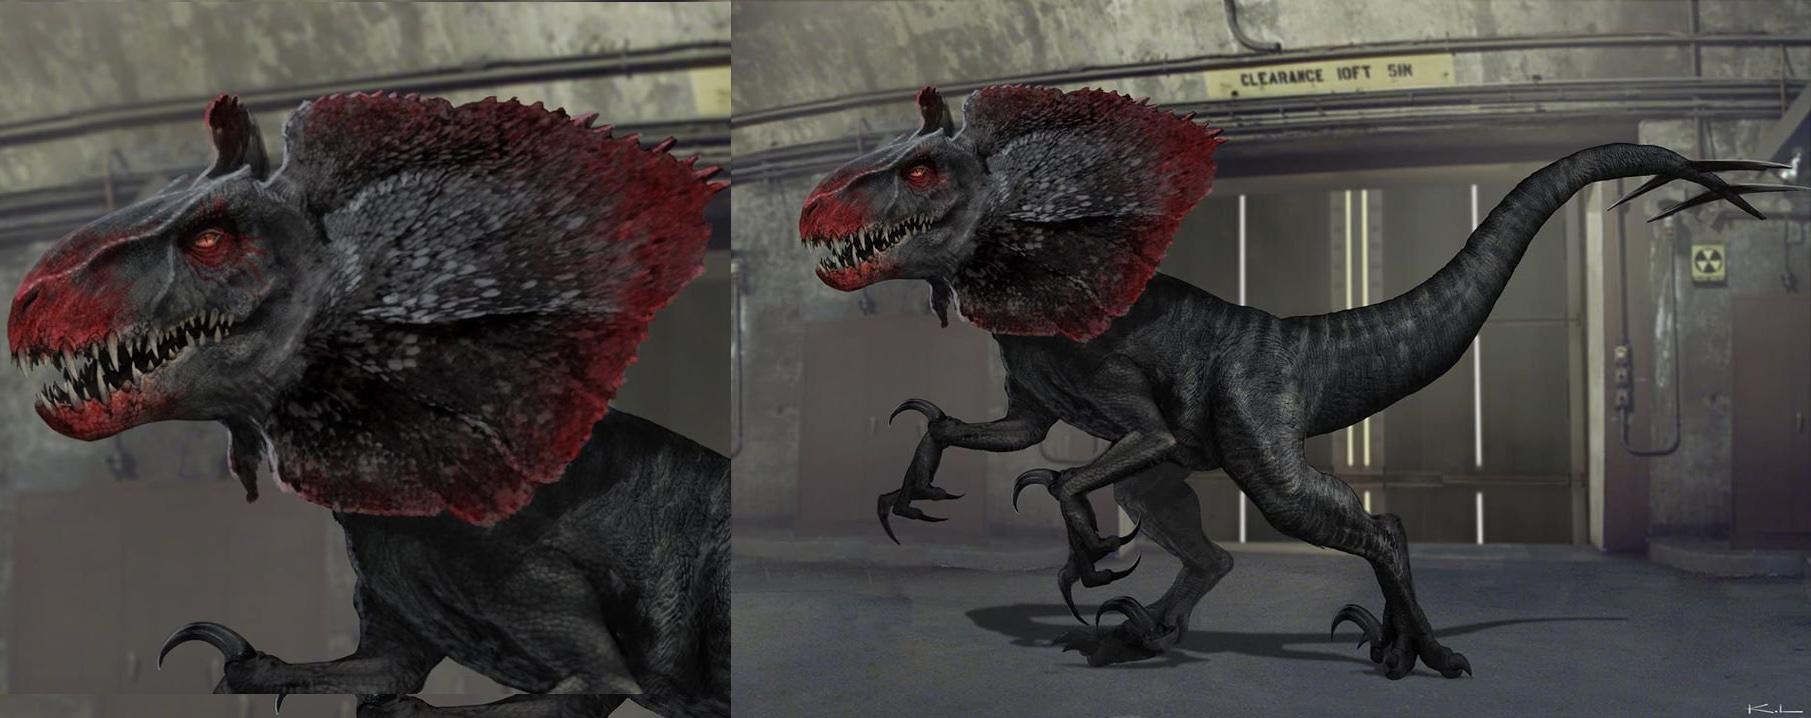 indoraptor01.jpg